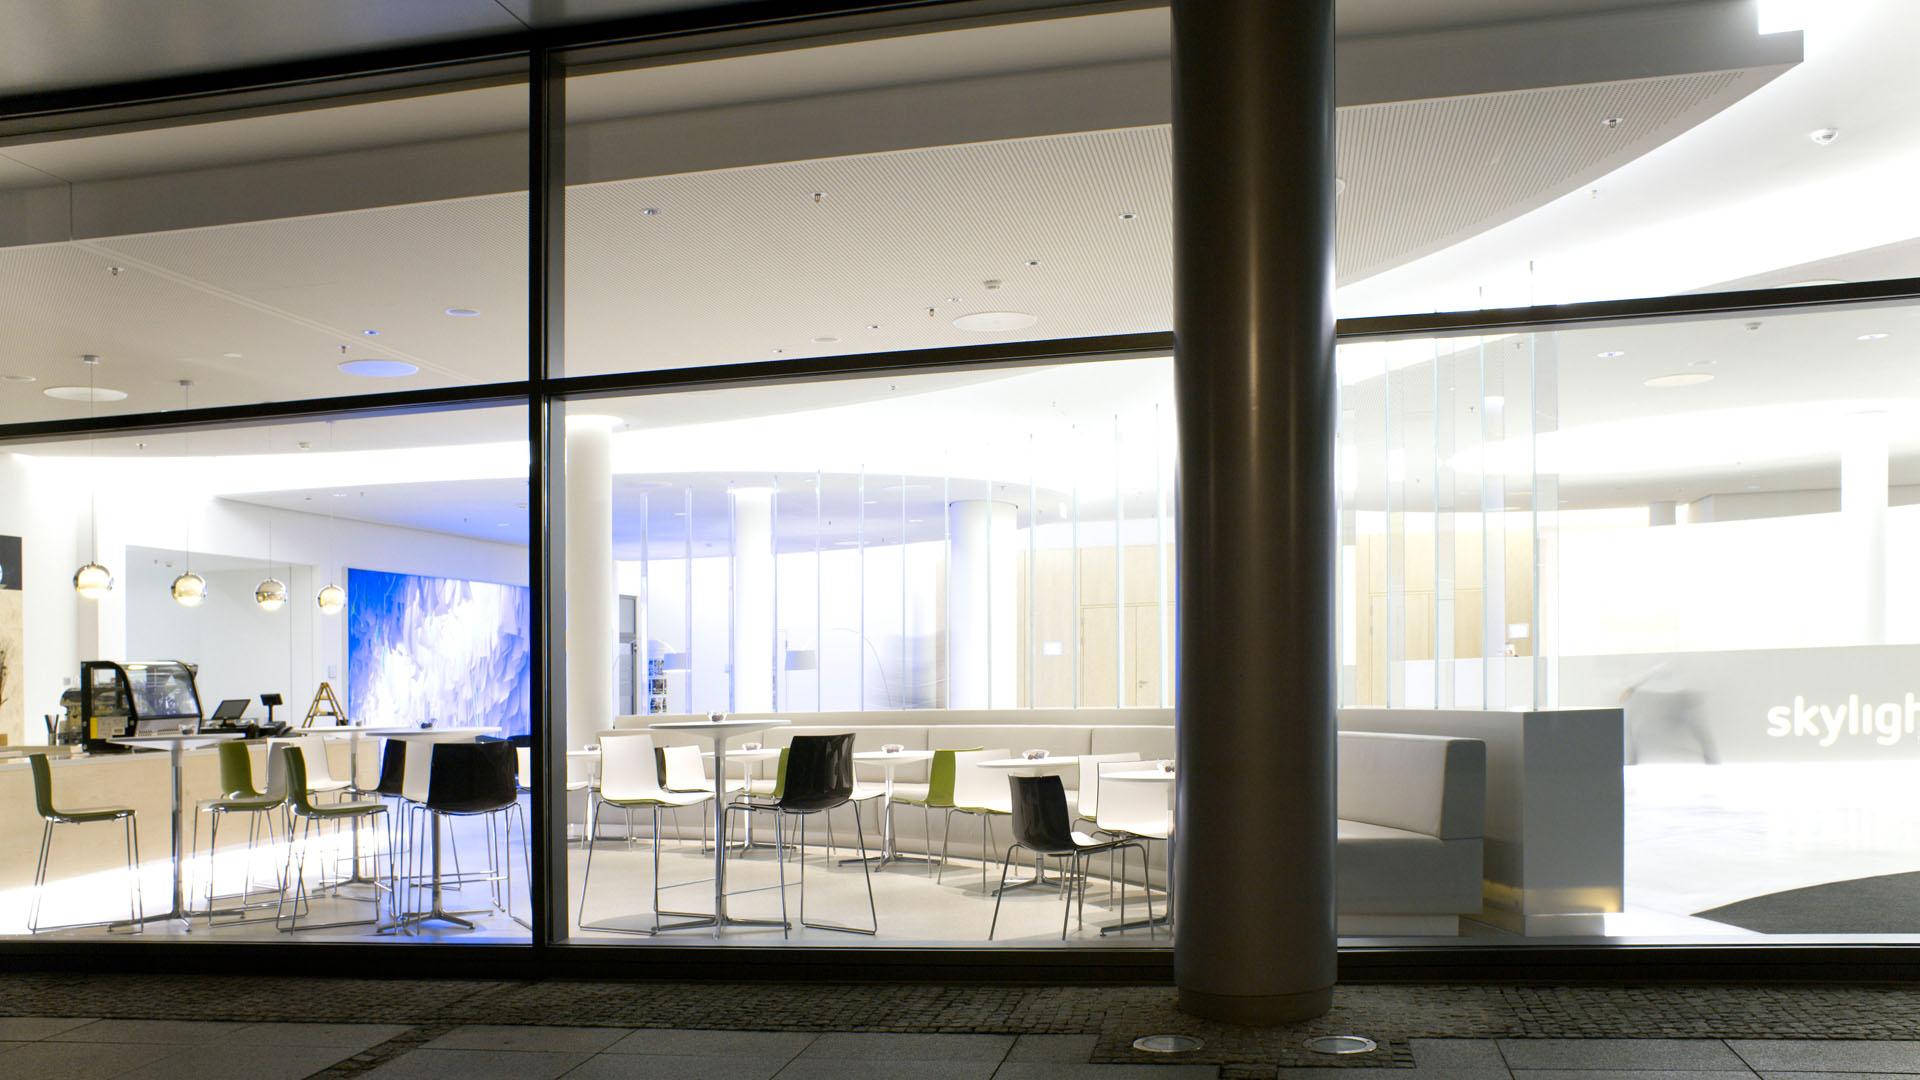 MAASS-Lichtplanung_Lichtplanung im Foyer der SEB Zentrale__MAASS-Skylight-Foyer-012